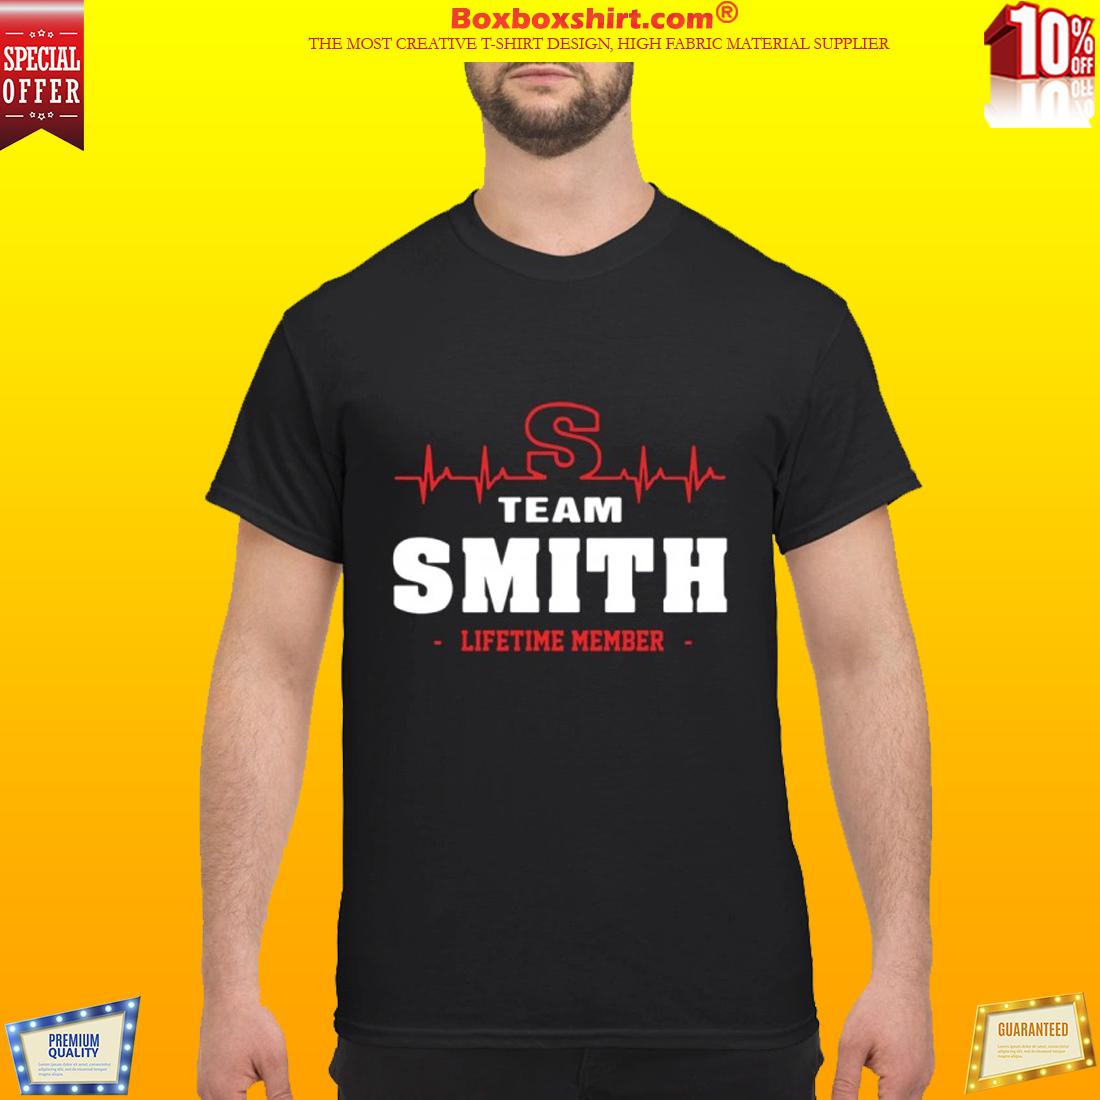 Team Smith lifetime member shirt